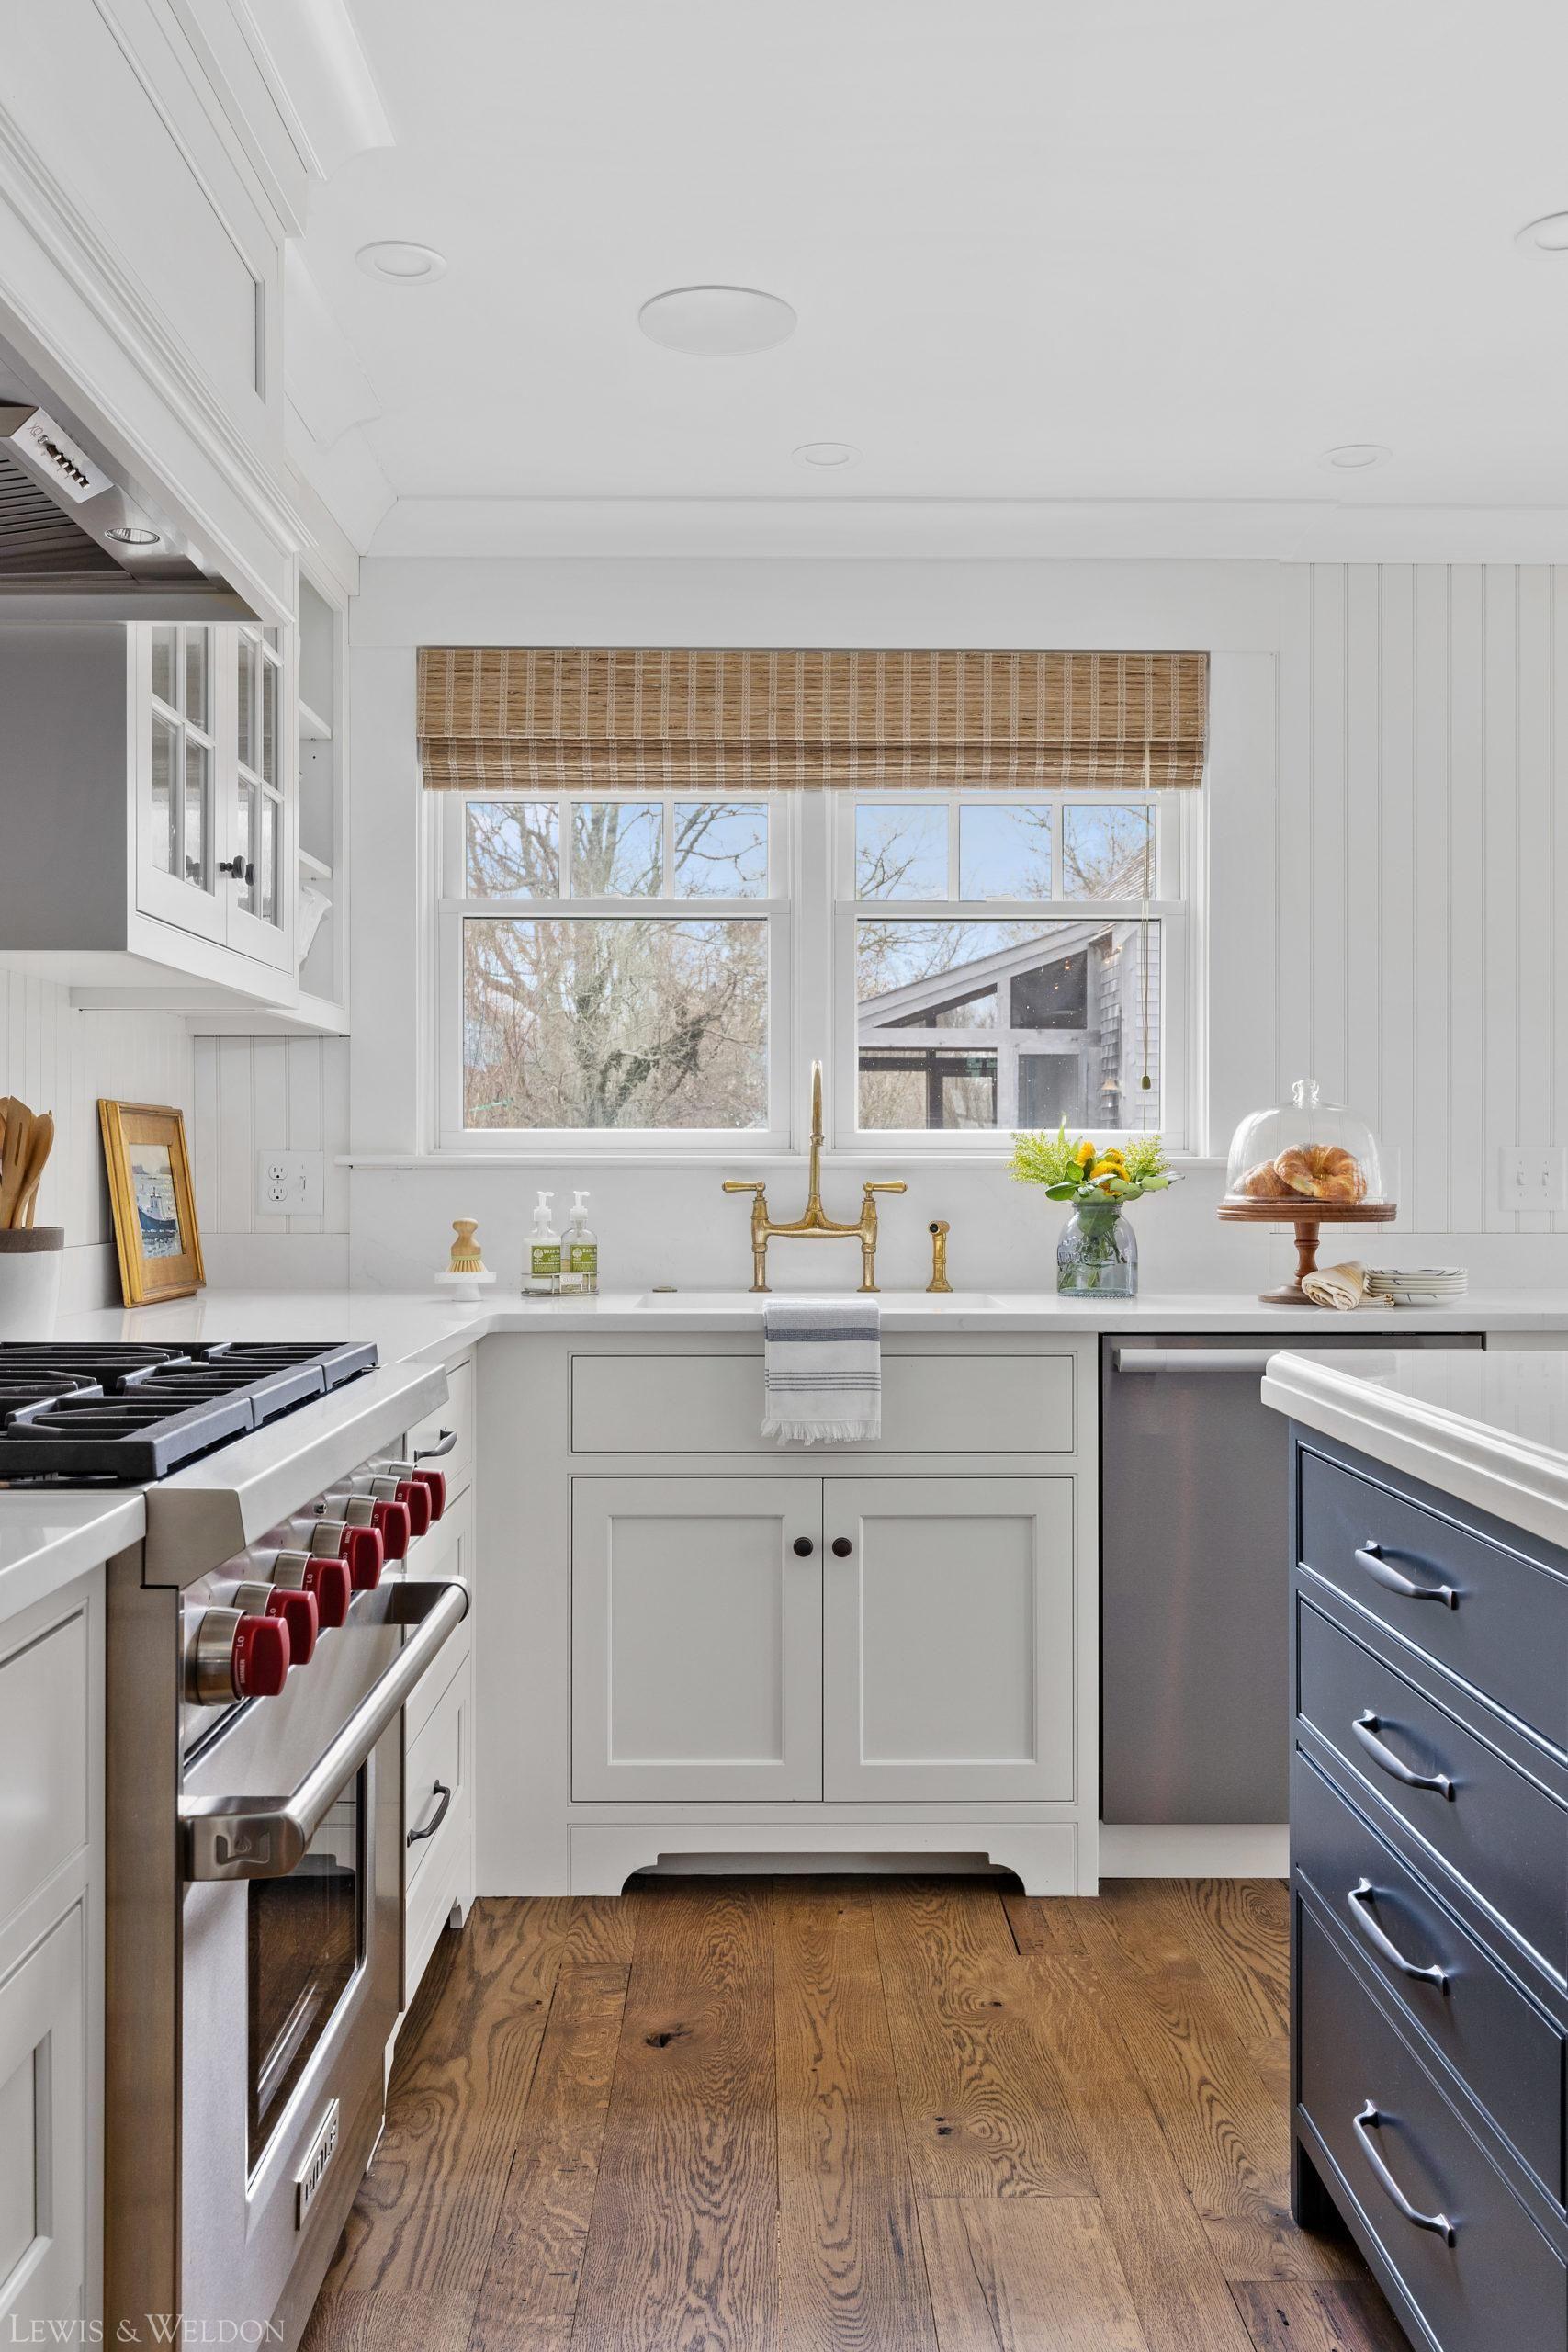 38ShaHR-5 in 2020 | Custom kitchens, Kitchen design ...